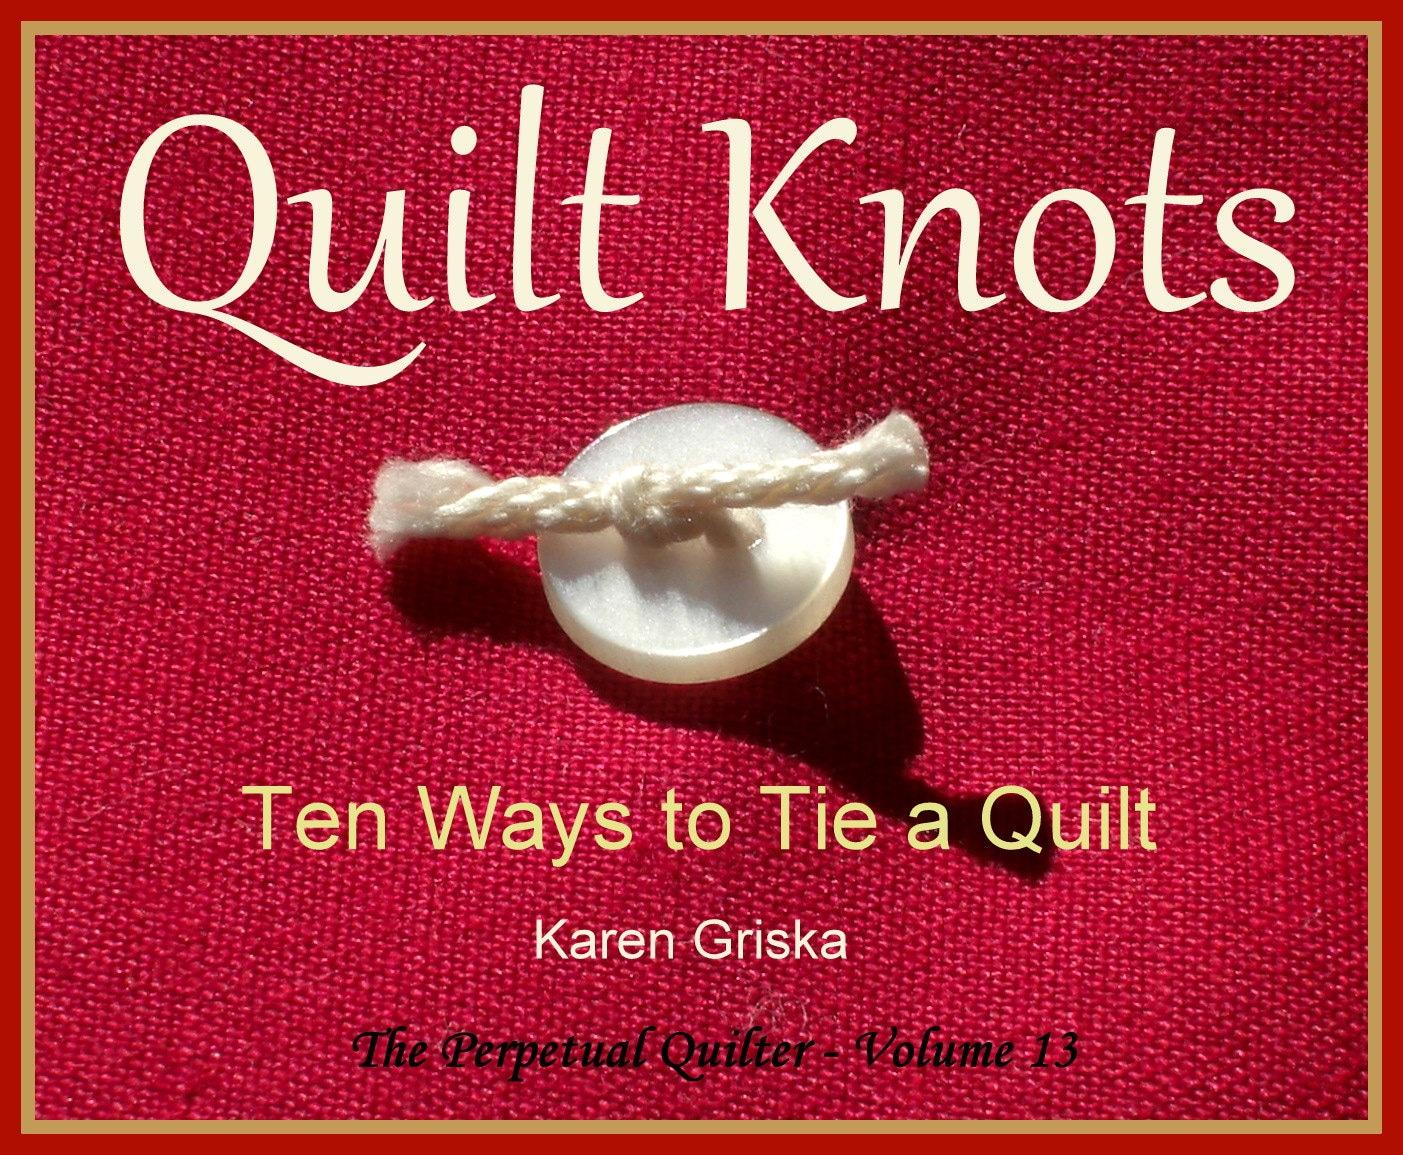 fancy tie knots instructions